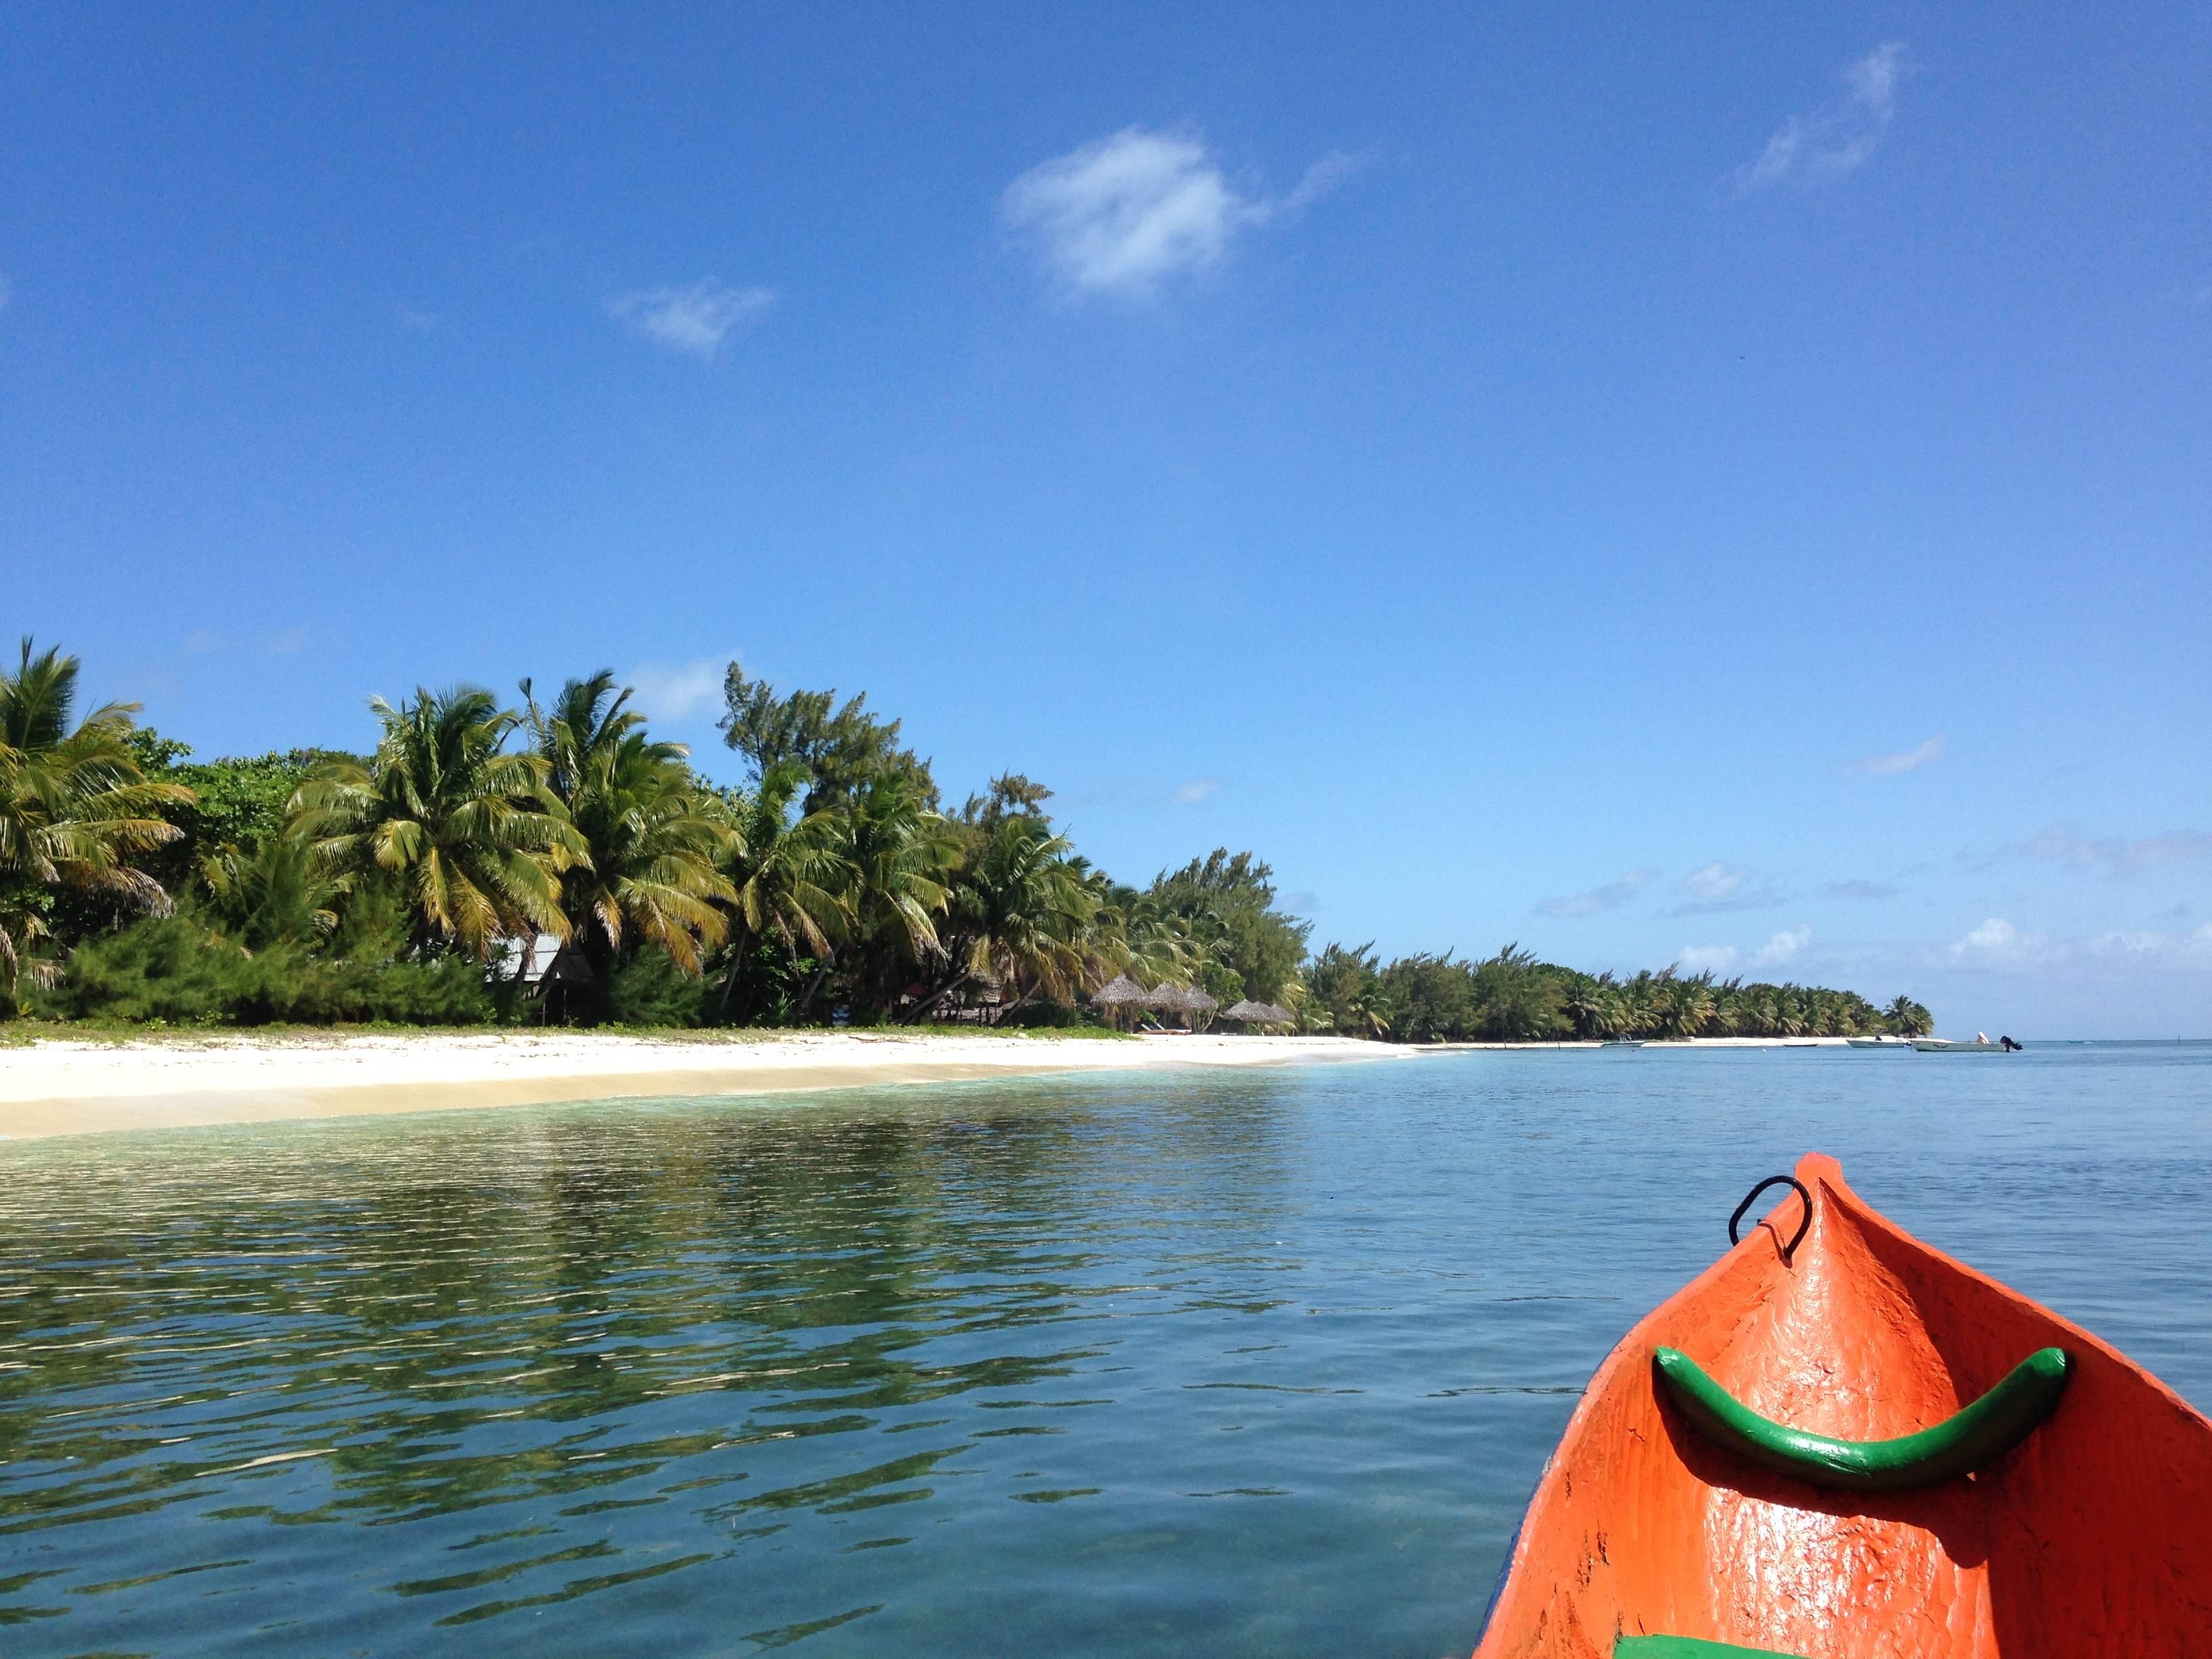 Photo 3: Ile de Sainte-Marie et Ile aux Nattes